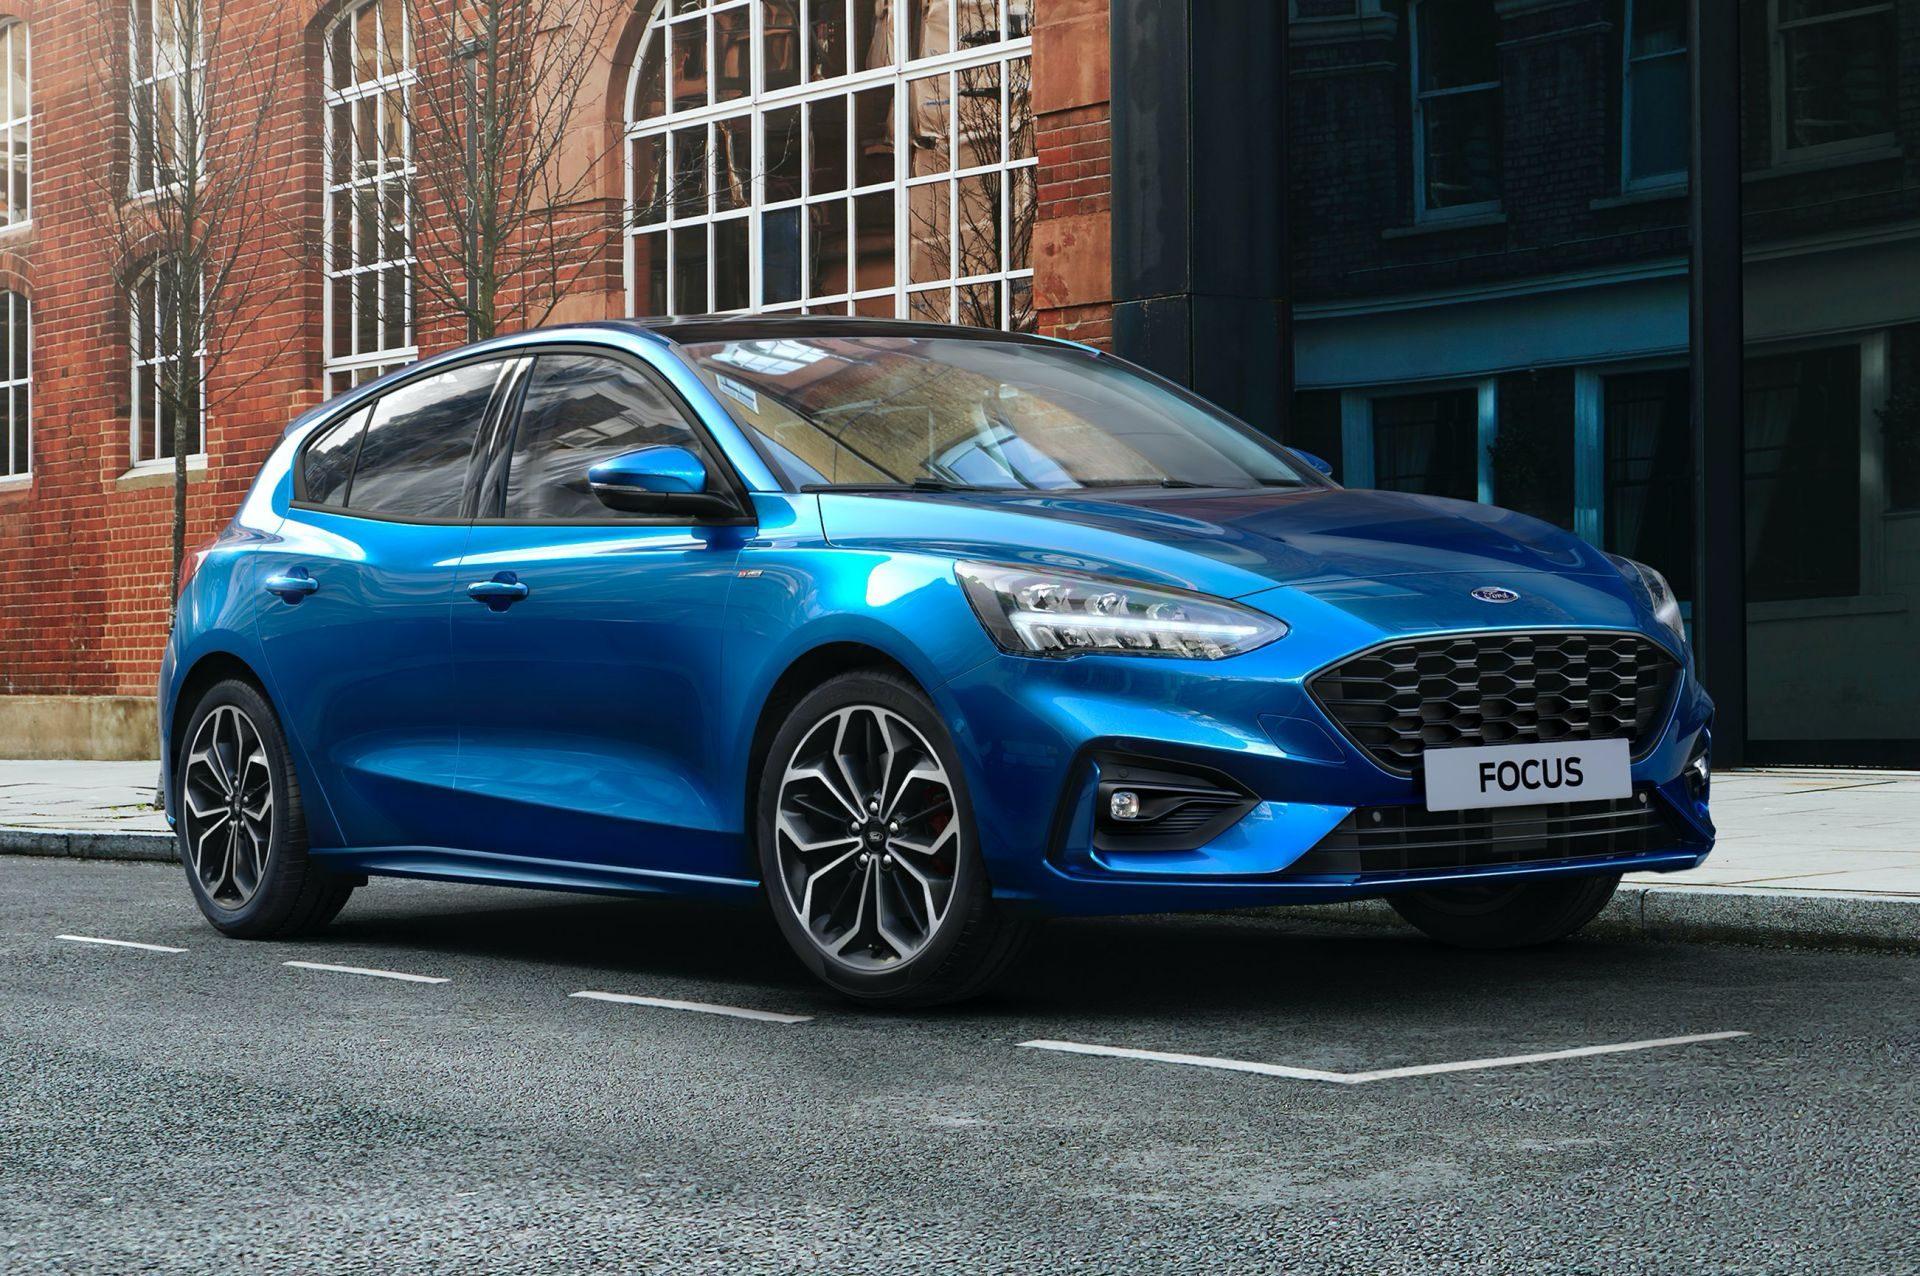 Longe do Brasil, Ford Focus 2021 é 1.0 híbrido com potência de Cruze turbo